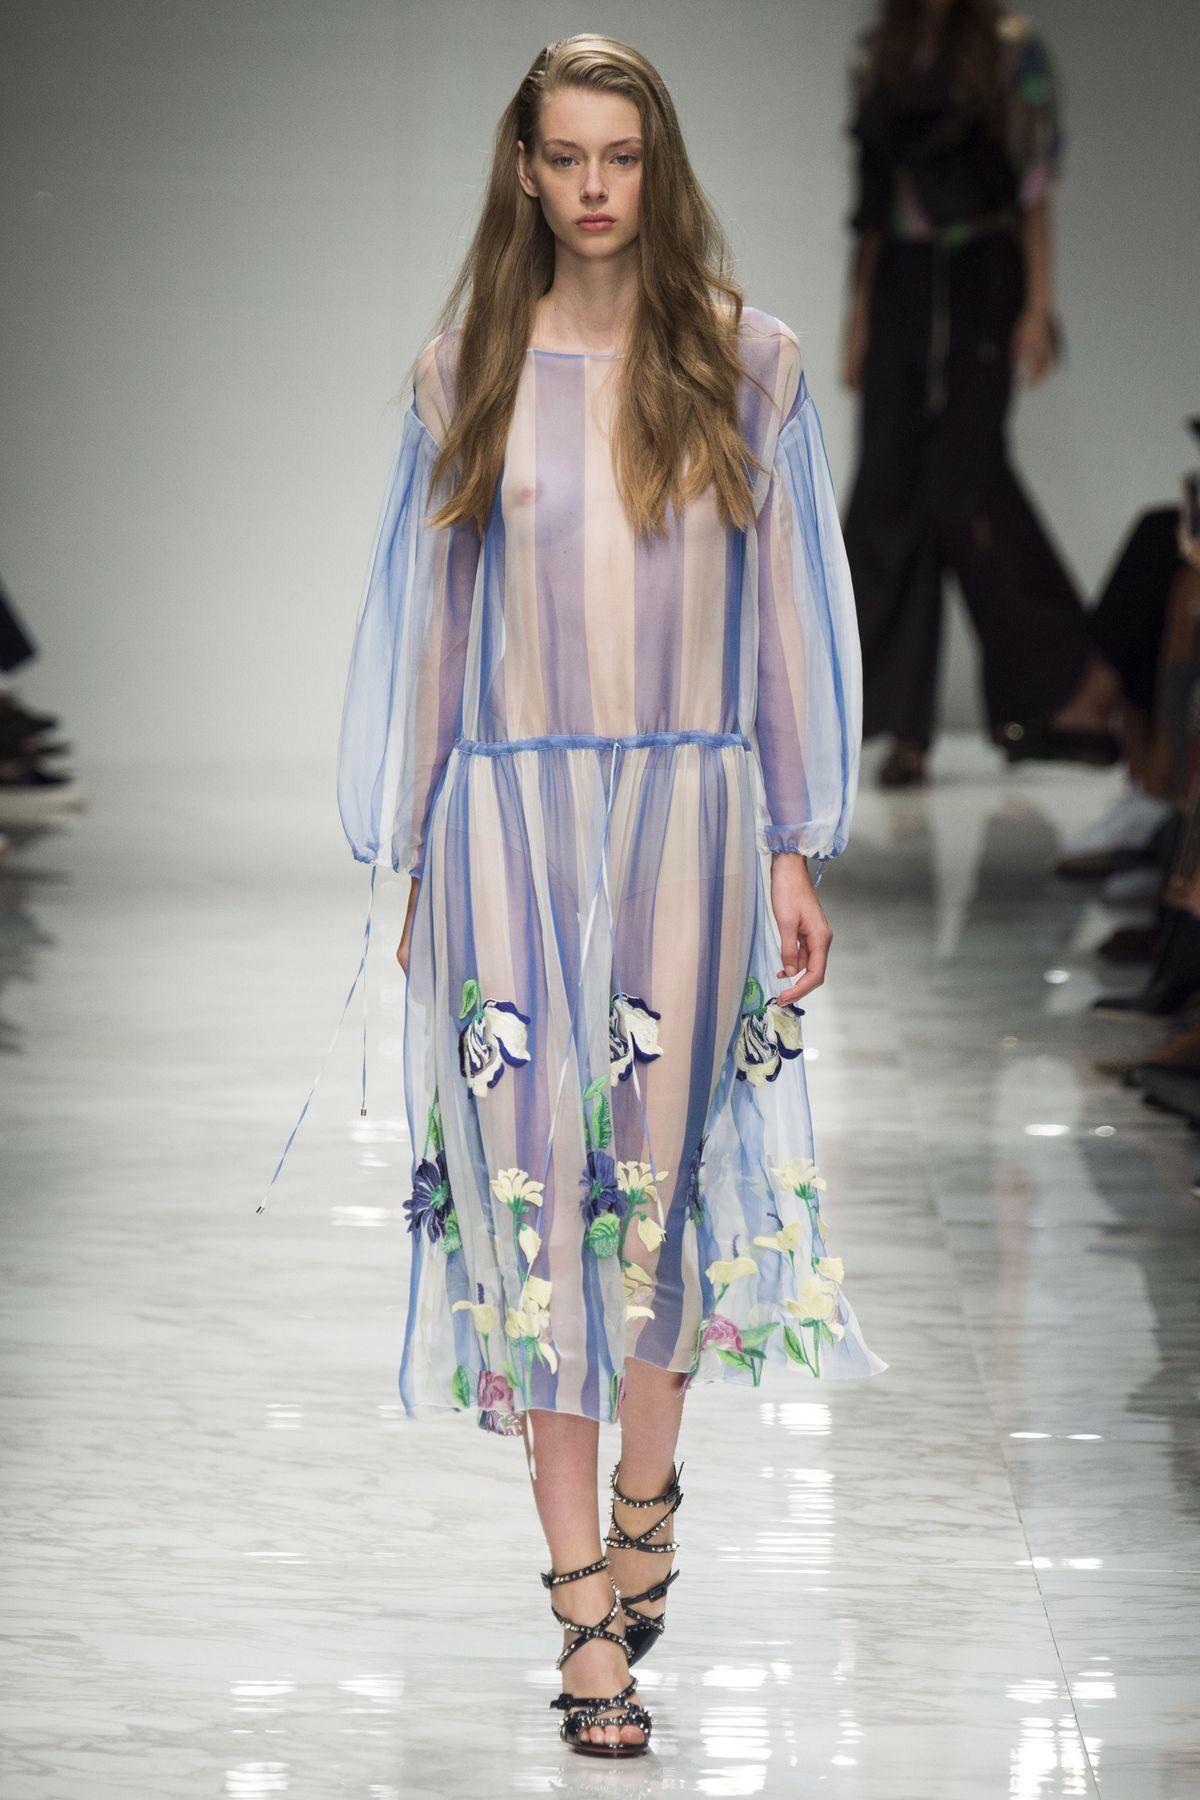 Blumarine spring/summer 2016 women's wear.